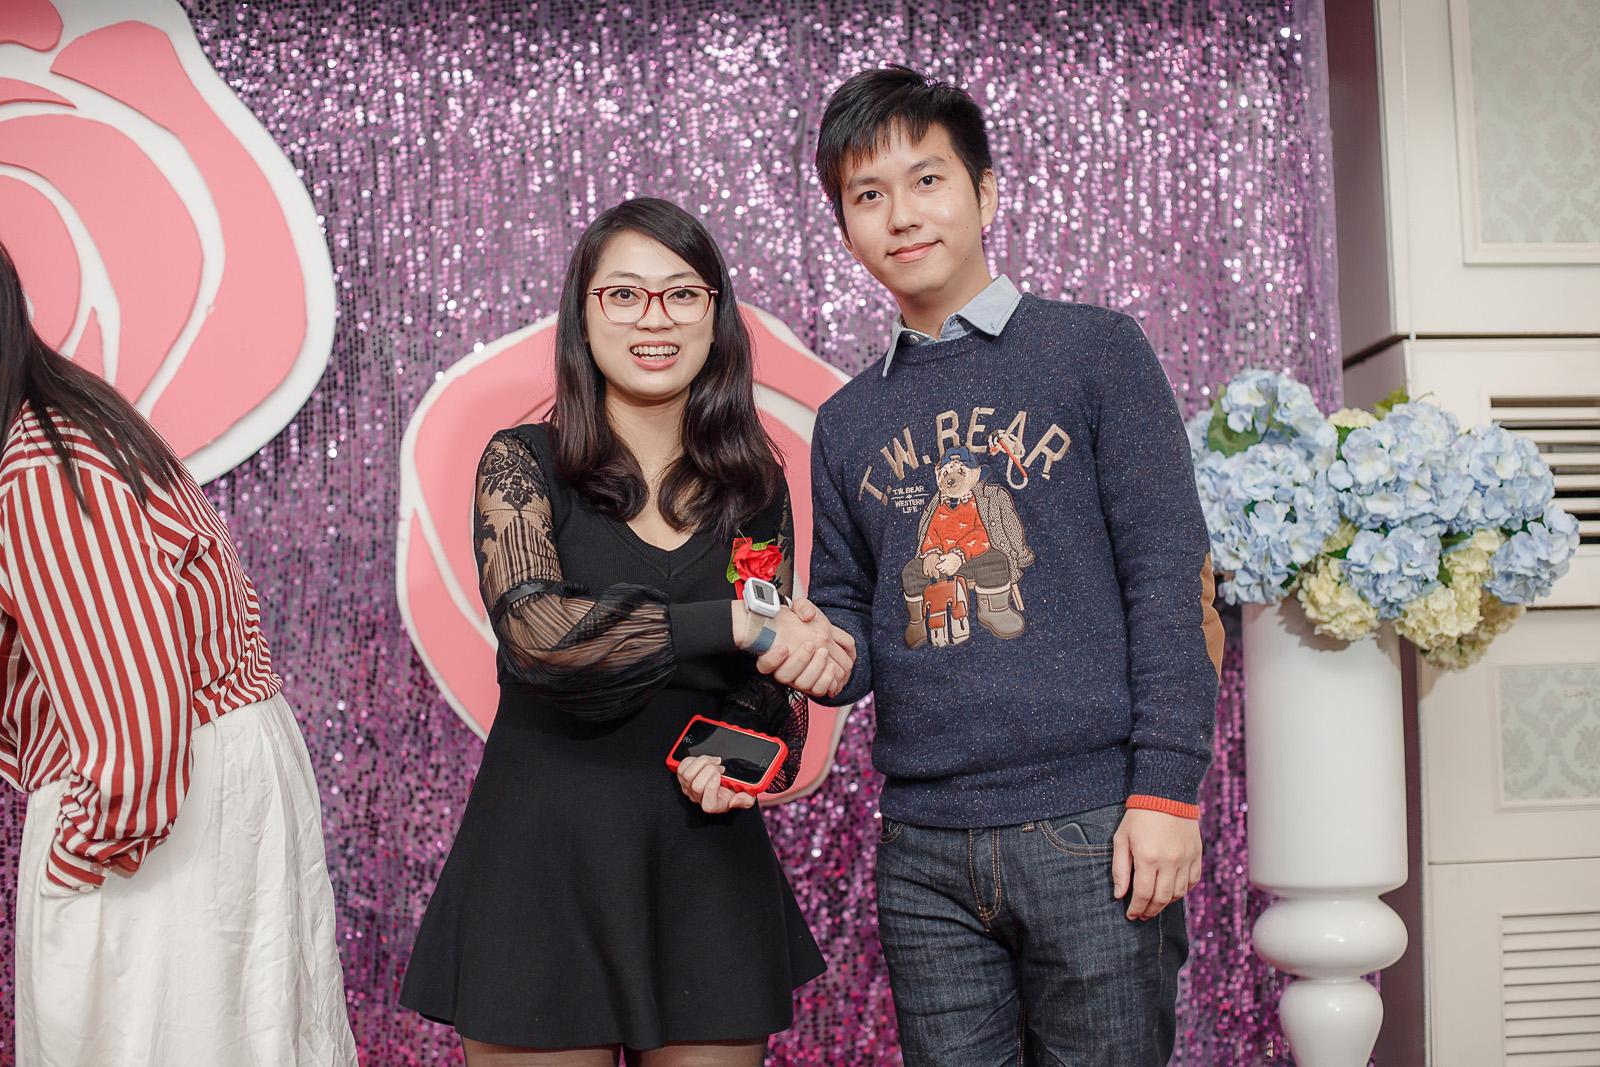 高雄圓山飯店,婚禮攝影,婚攝,高雄婚攝,優質婚攝推薦,Jen&Ethan-293